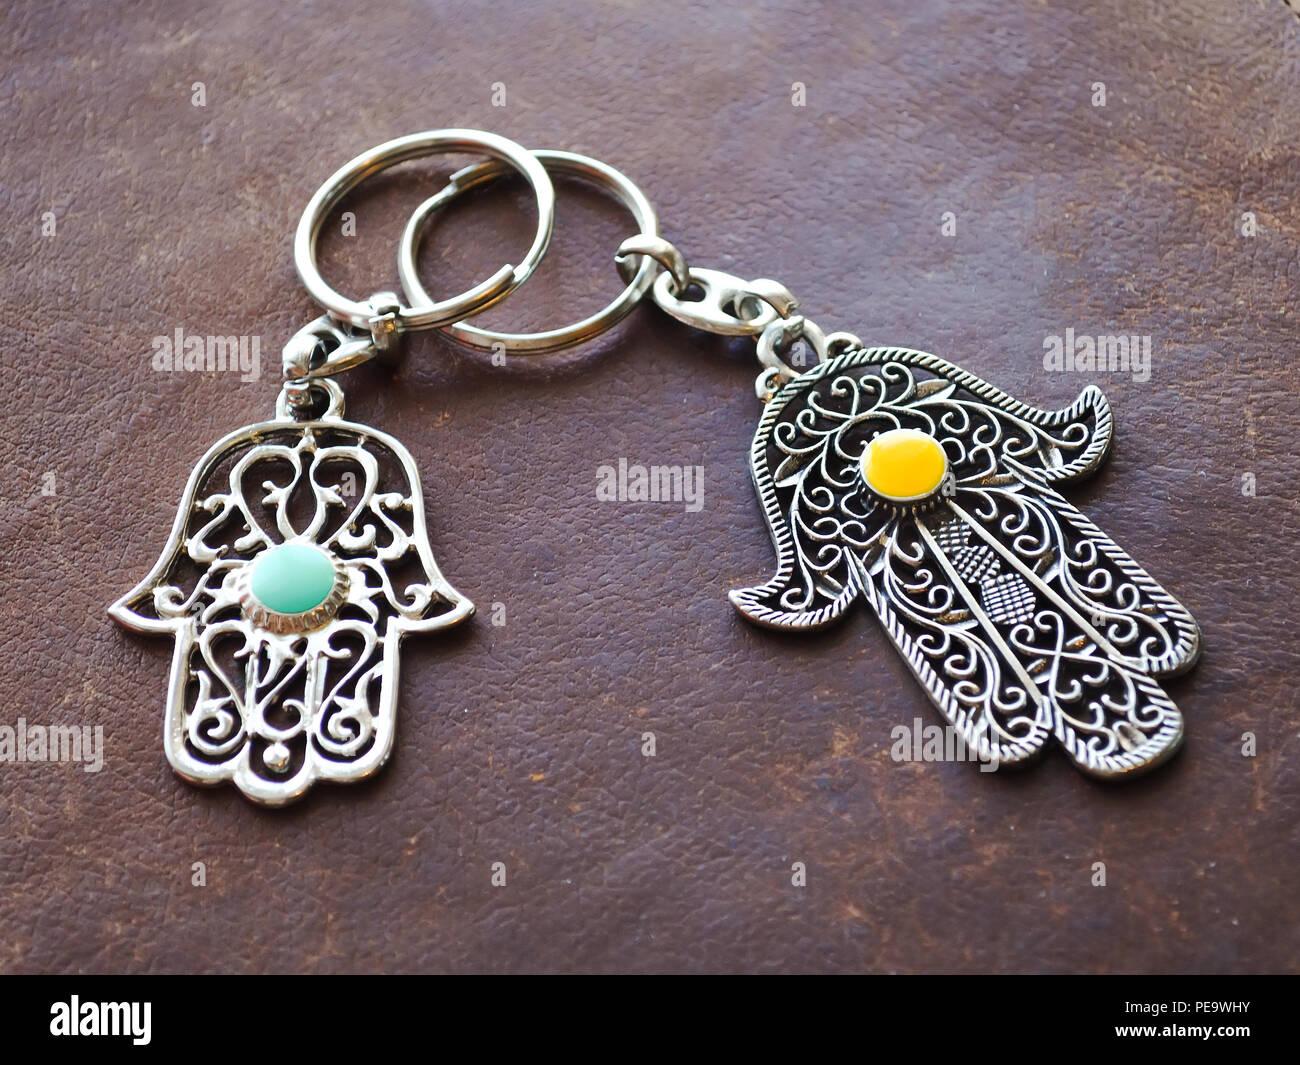 Chiave di due anelli in forma di Fatima la mano sulla pelle marrone dello sfondo. Simbolo di antico e di moderno e tradizionale souvenir turistici della Tunisia. Immagini Stock